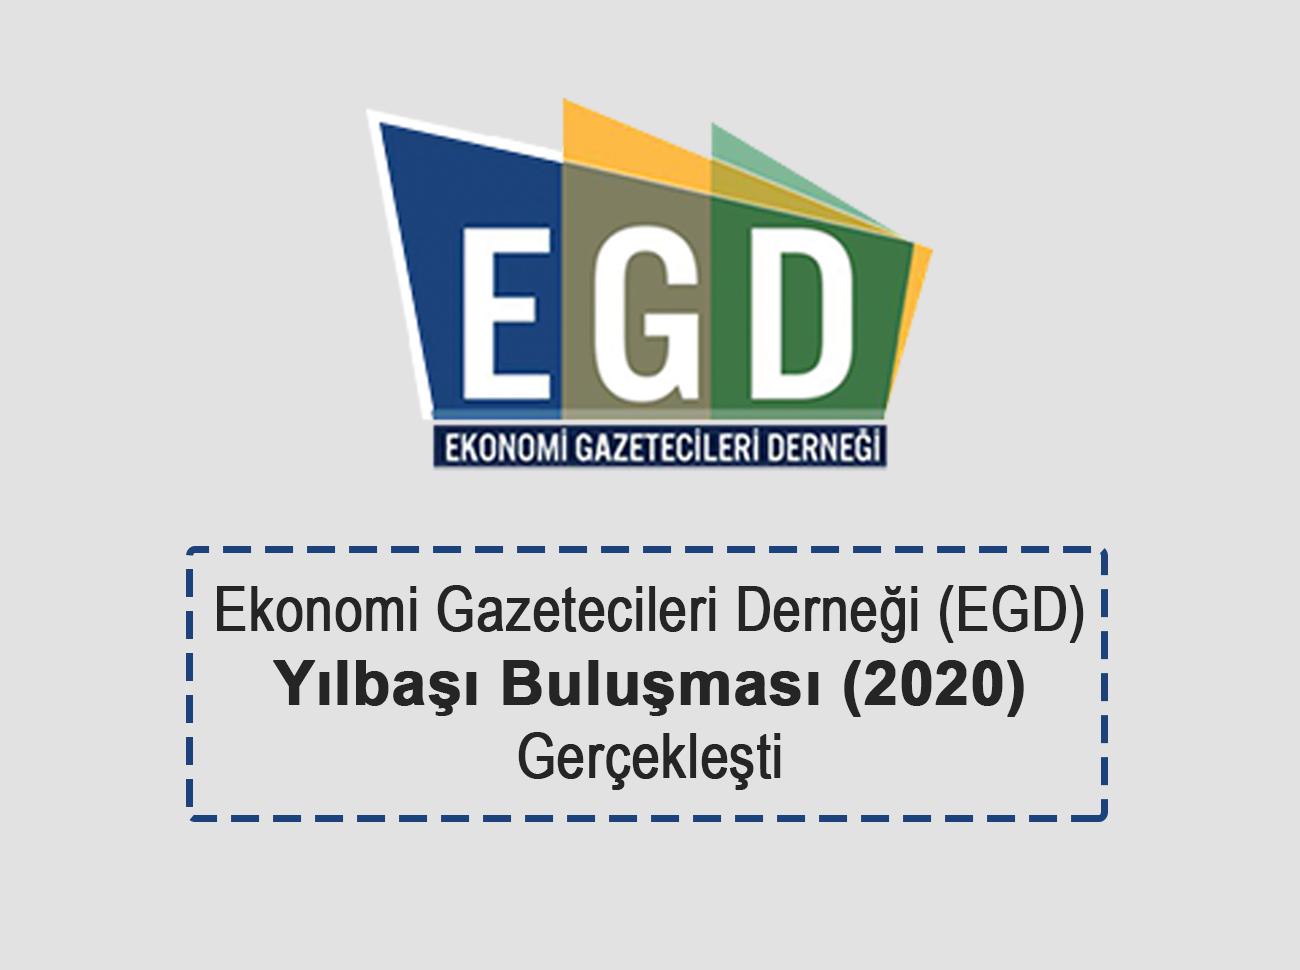 EGD Yılbaşı Buluşması (2020) Gerçekleşti